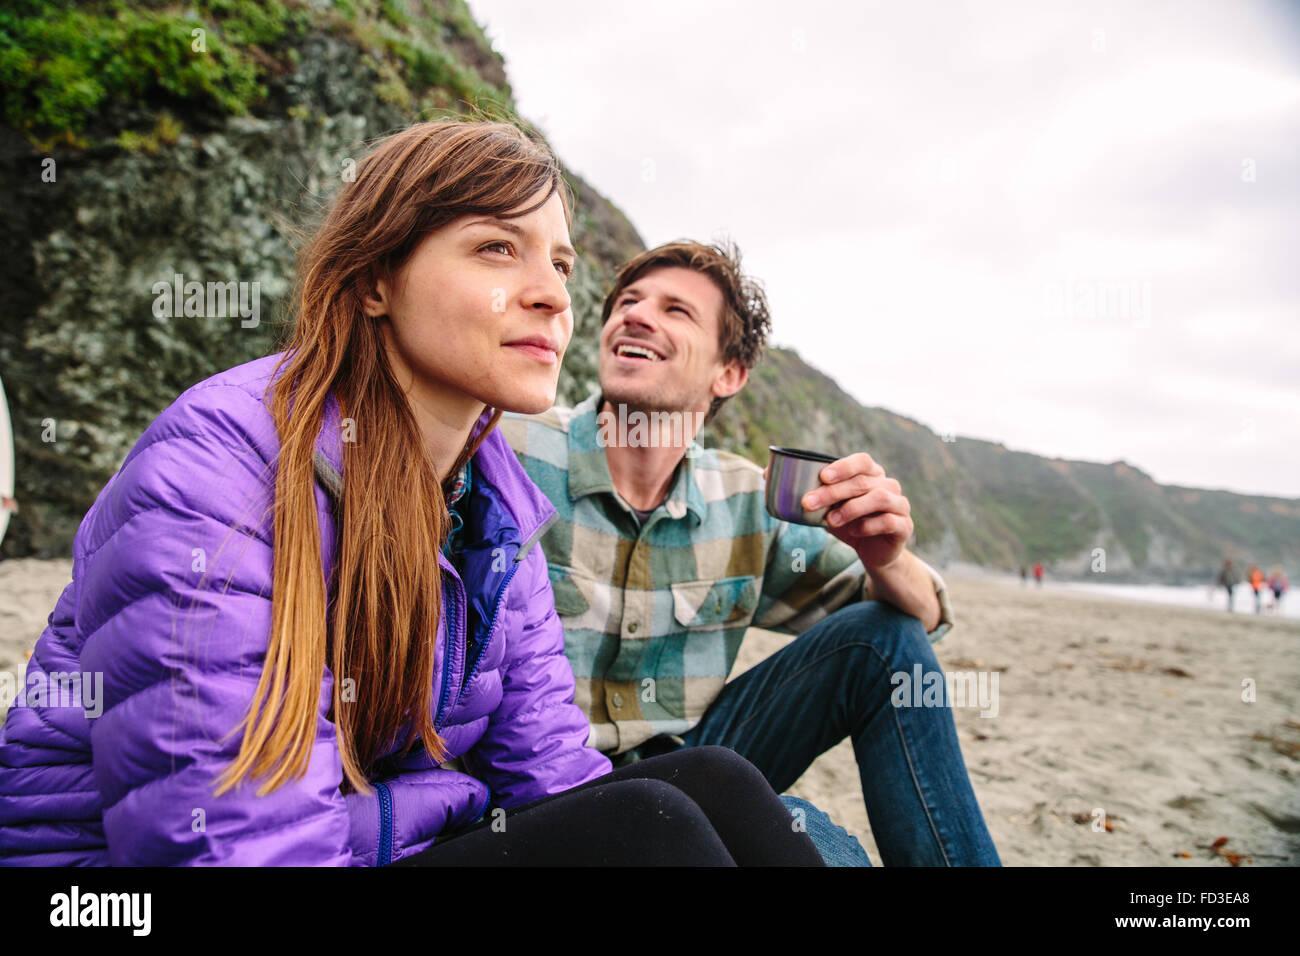 Un jeune couple appréciant un après-midi sur les plages de Big Sur, en Californie. Photo Stock